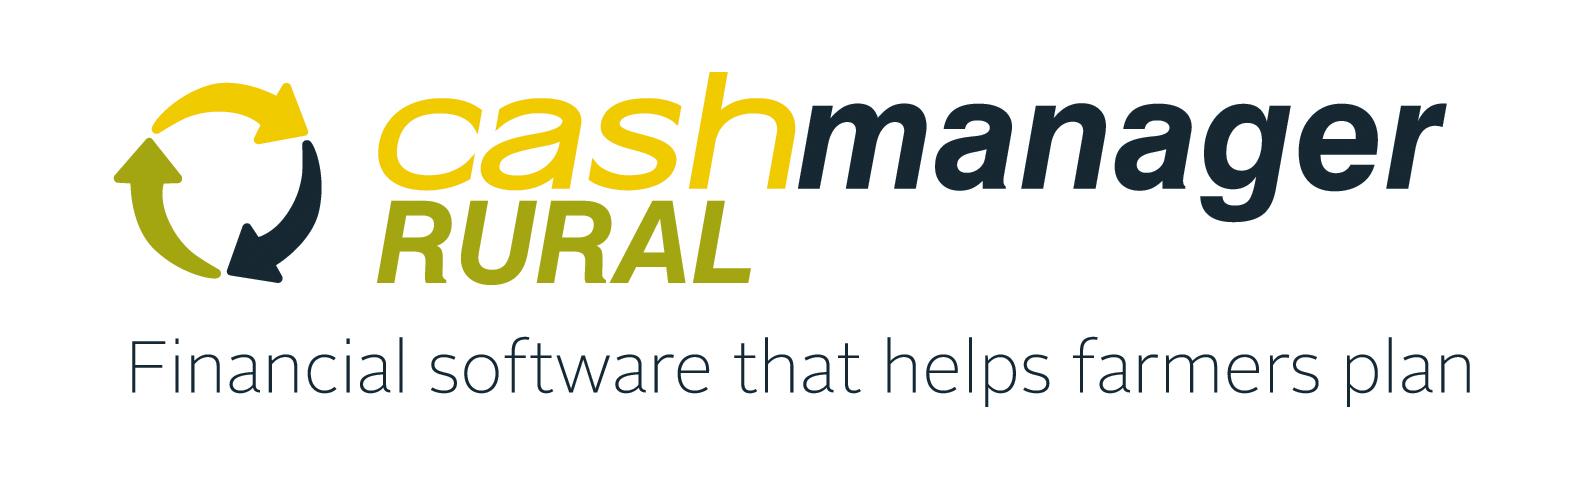 CMR_logo_2013.jpg